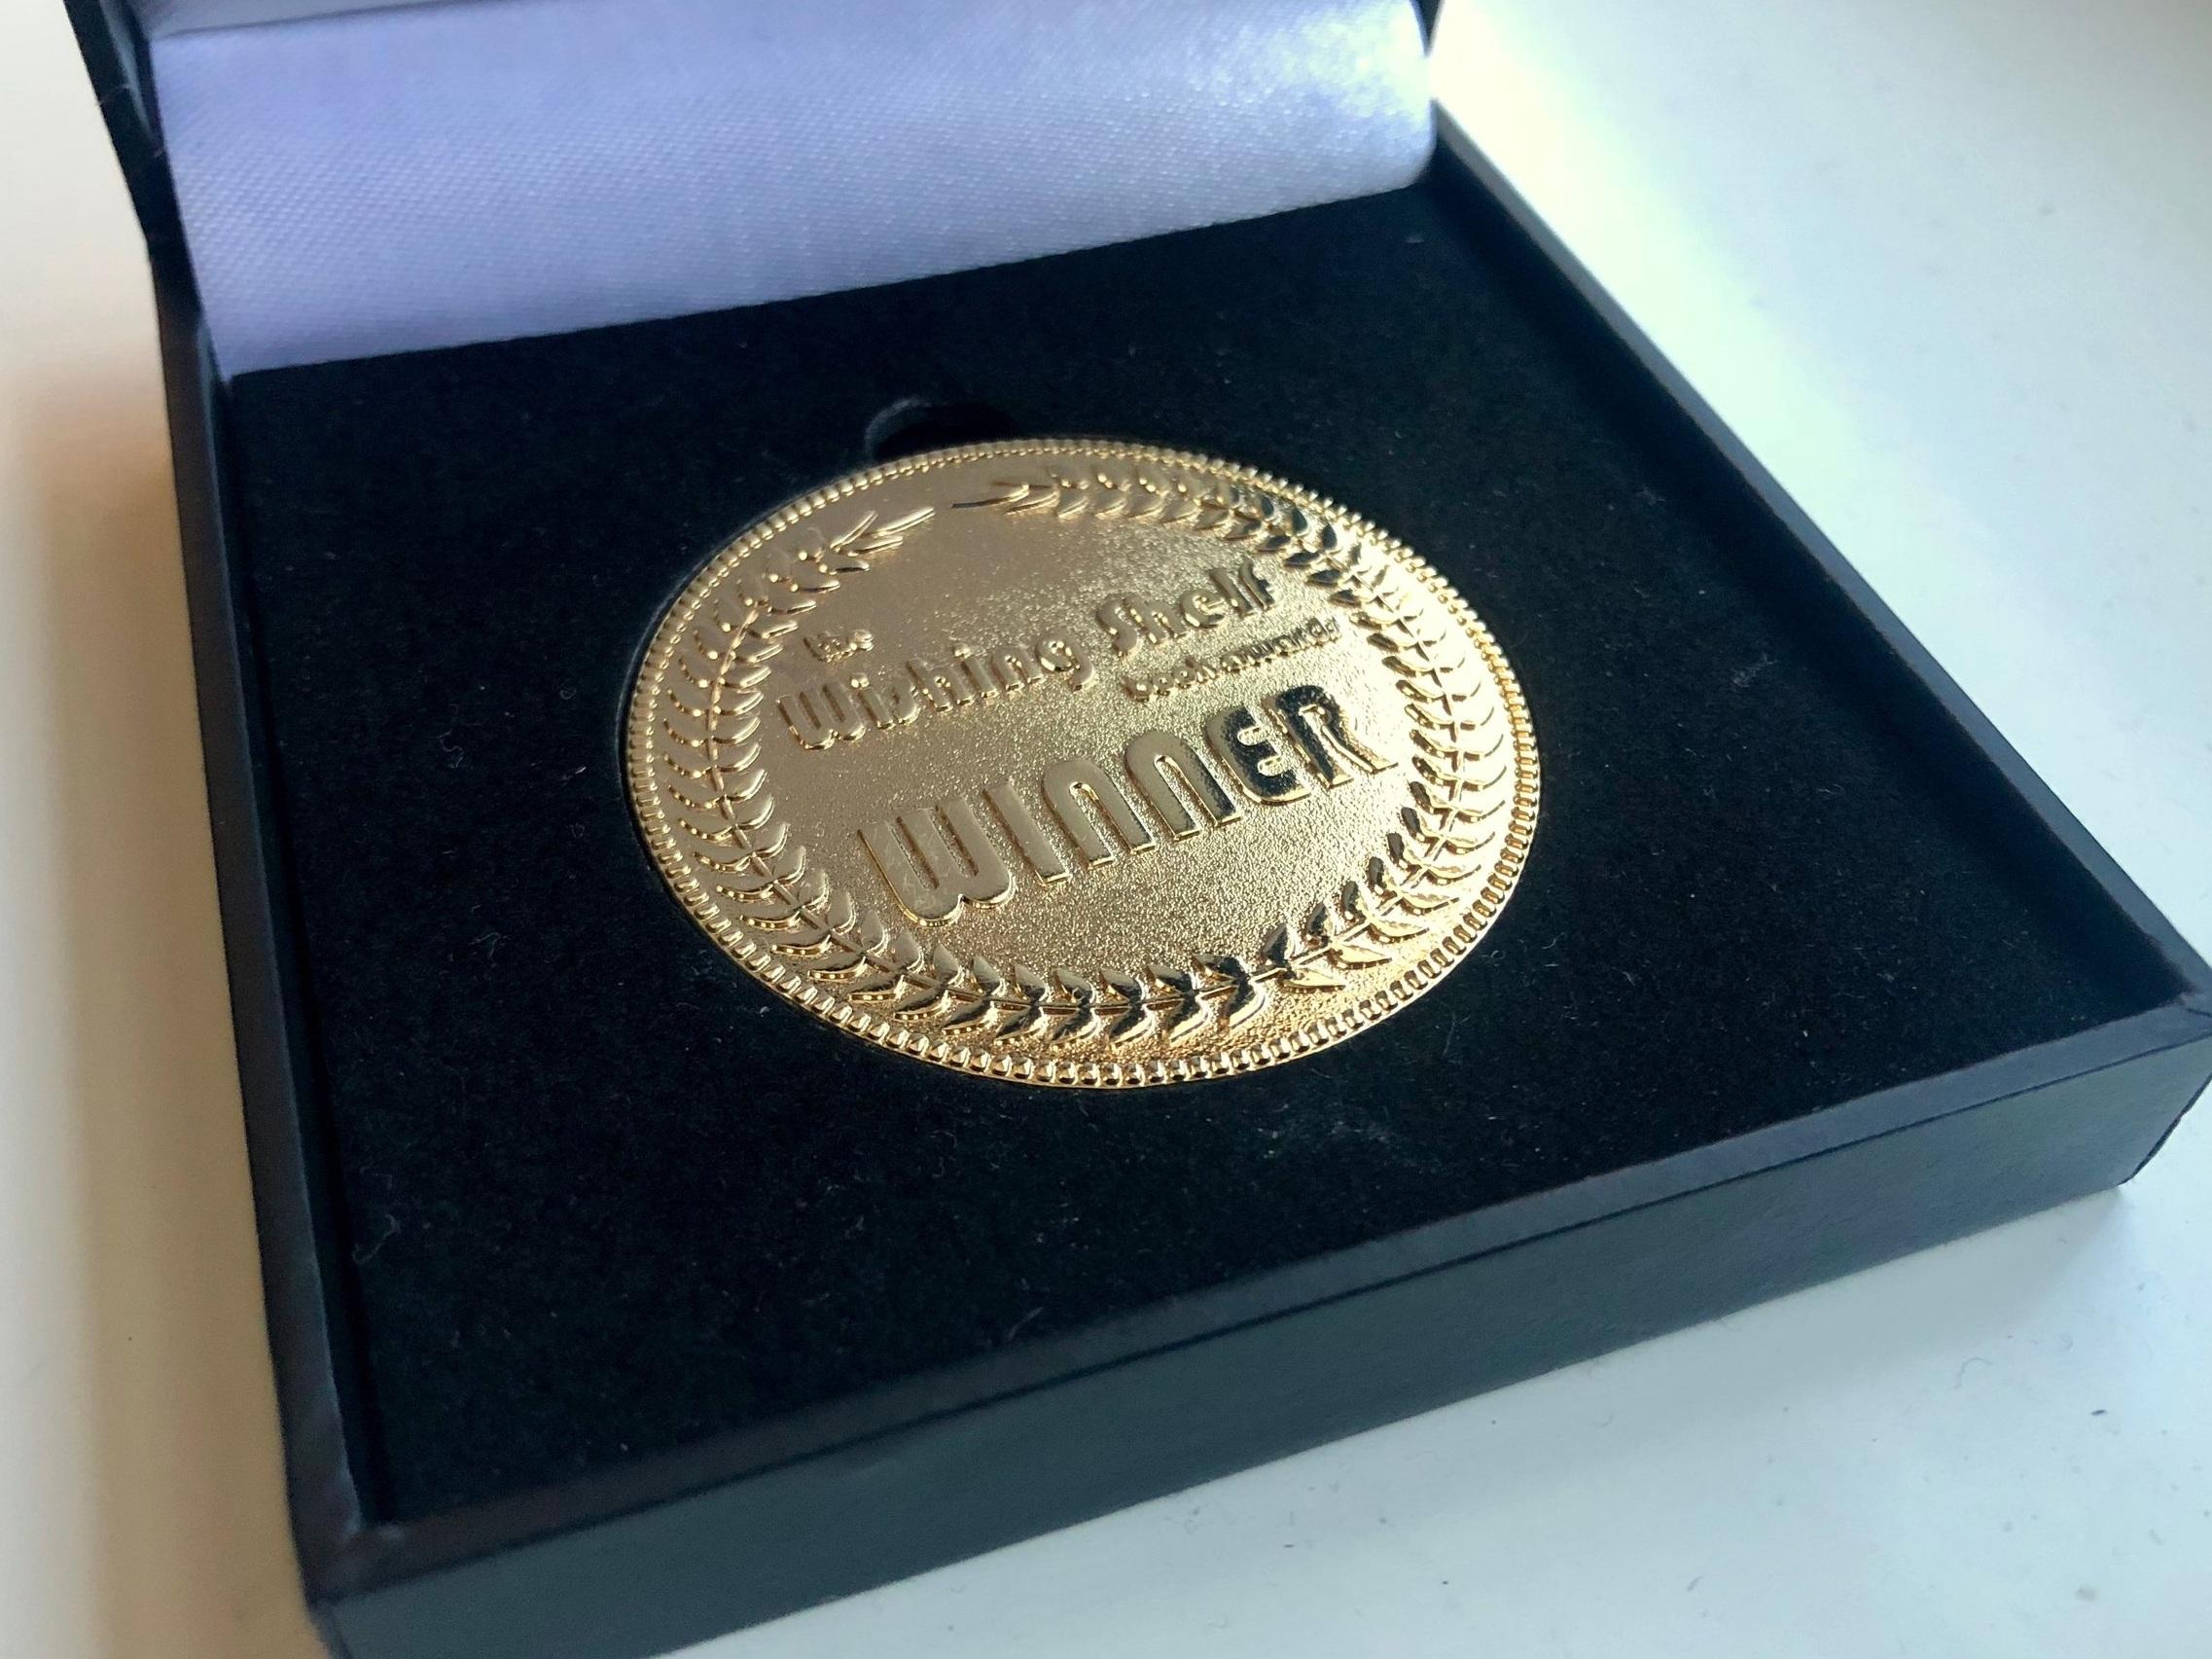 Shiny medal!